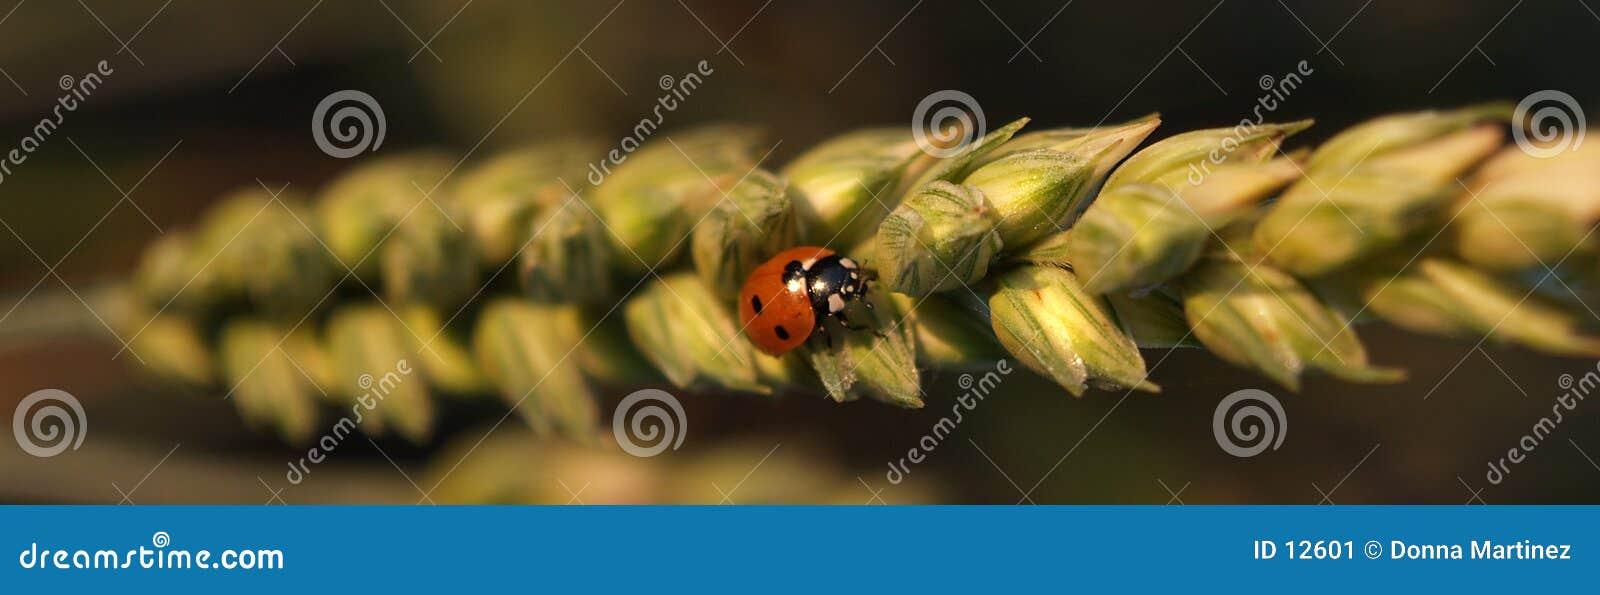 Lieveheersbeestje op Tarwe